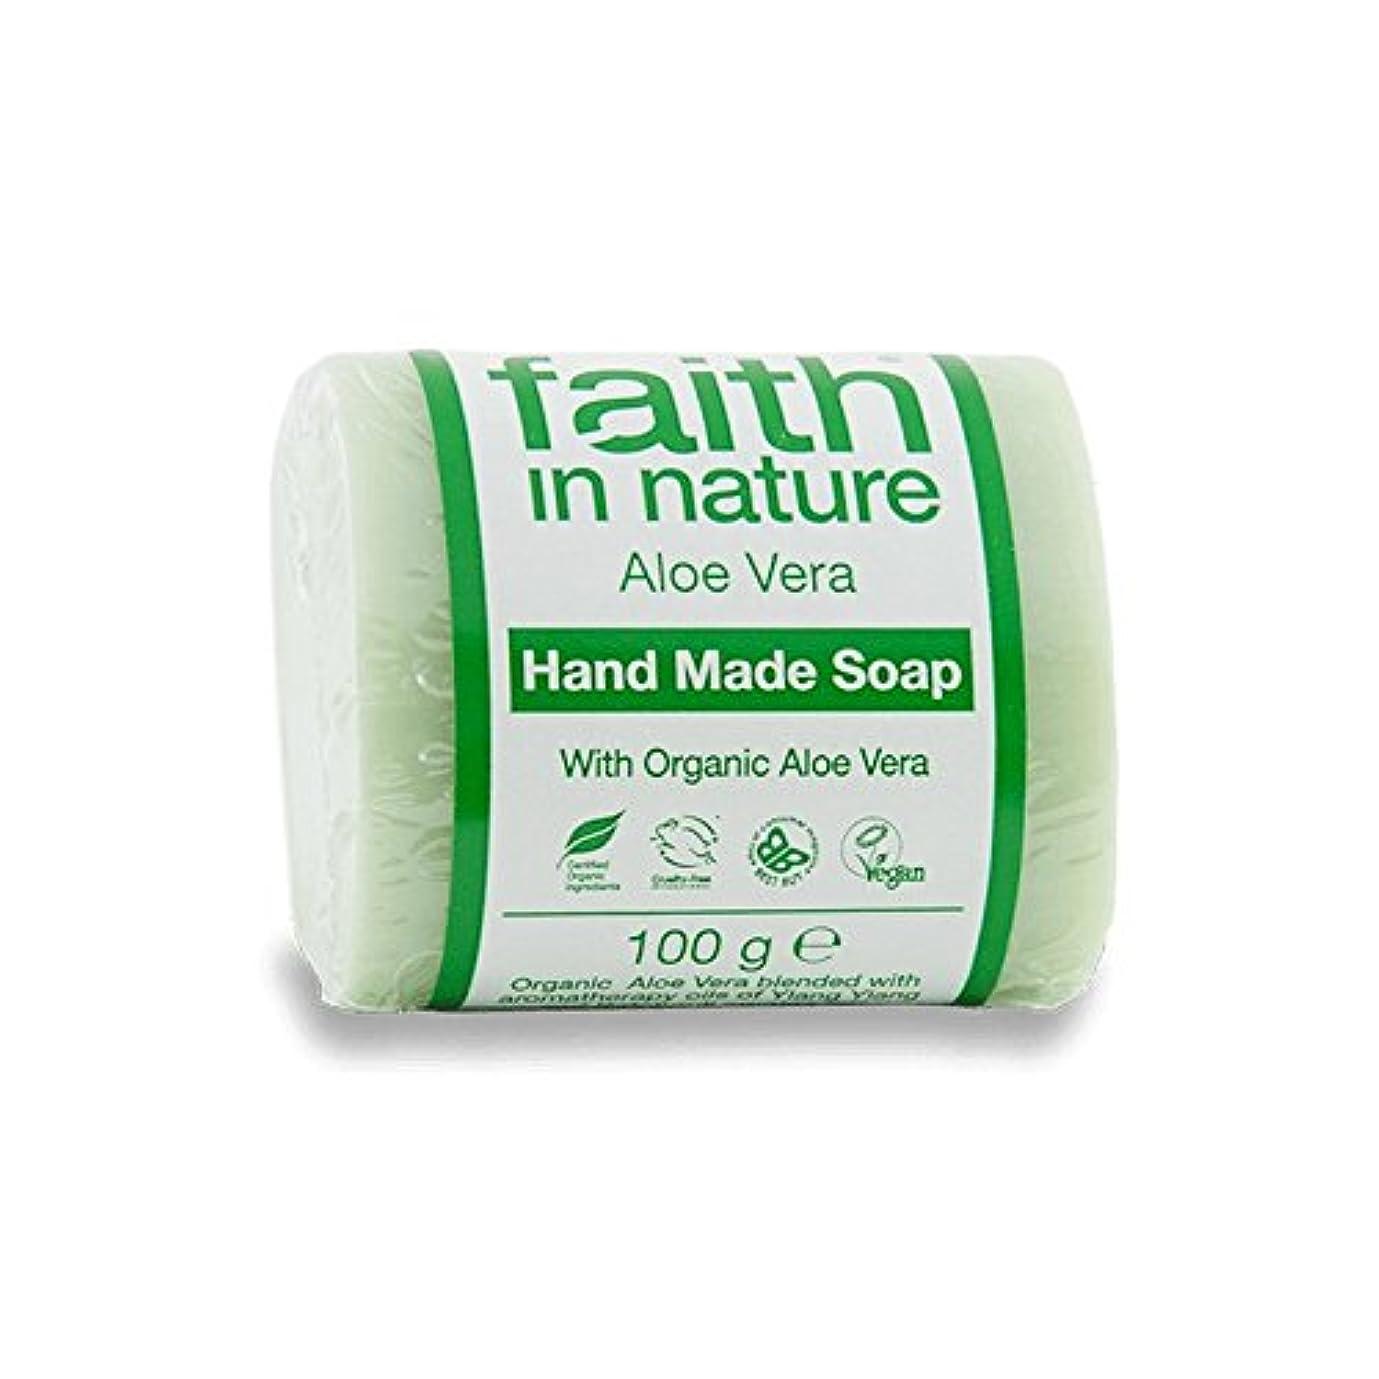 暗記する人柄成長Faith in Nature Aloe Vera with Ylang Ylang Soap 100g (Pack of 2) - イランイランソープ100グラムと自然のアロエベラの信仰 (x2) [並行輸入品]